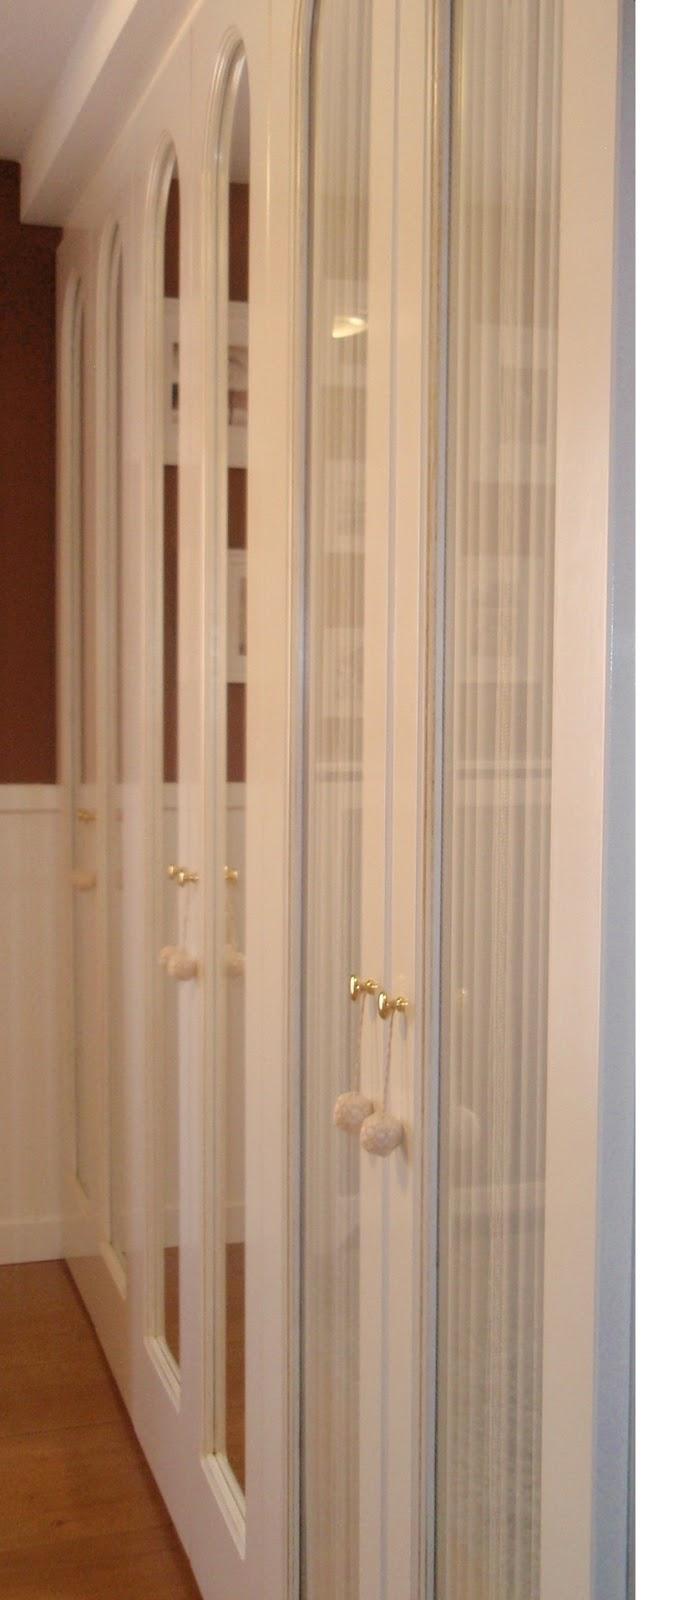 Armario empotrado lacado en blanco carpinter a y - Armario empotrado blanco ...